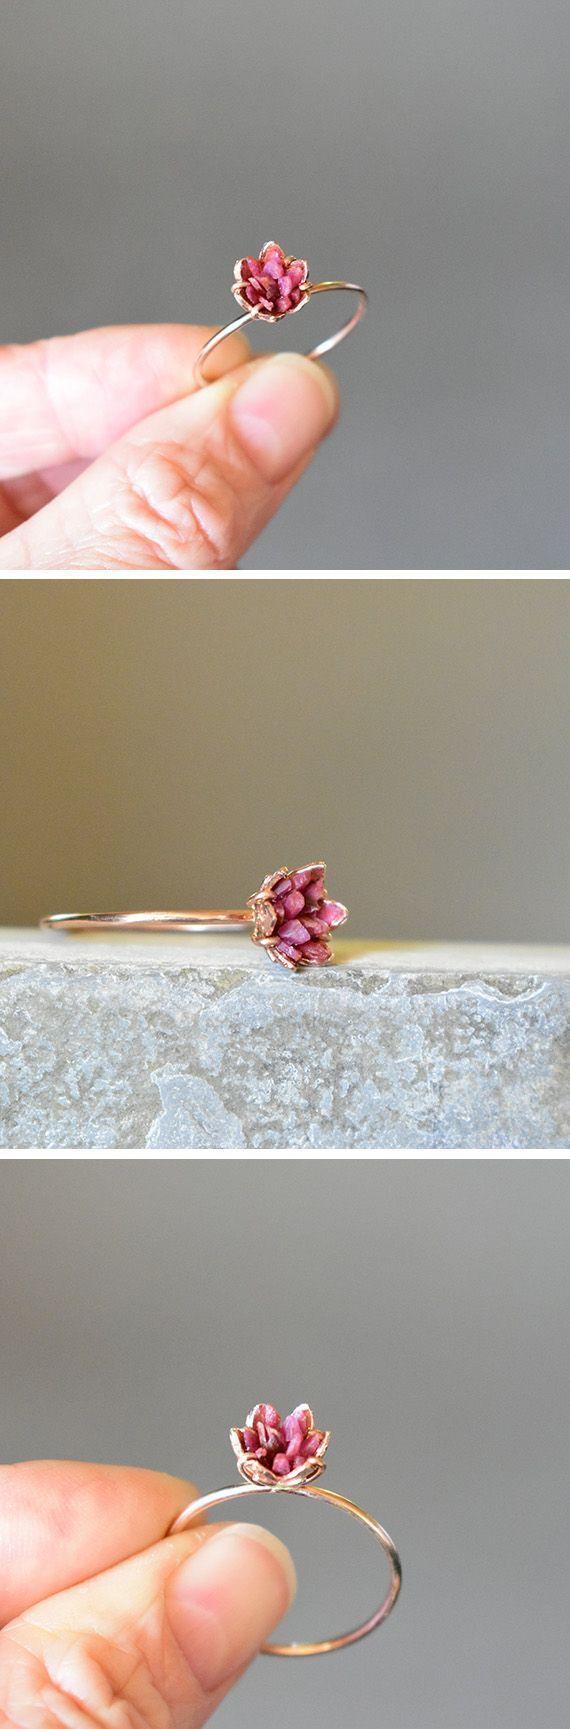 Frauen - Ruby Rose für Ihren Ringfinger - Blumendekoration #womengiftideas #womengifts, #Blu...